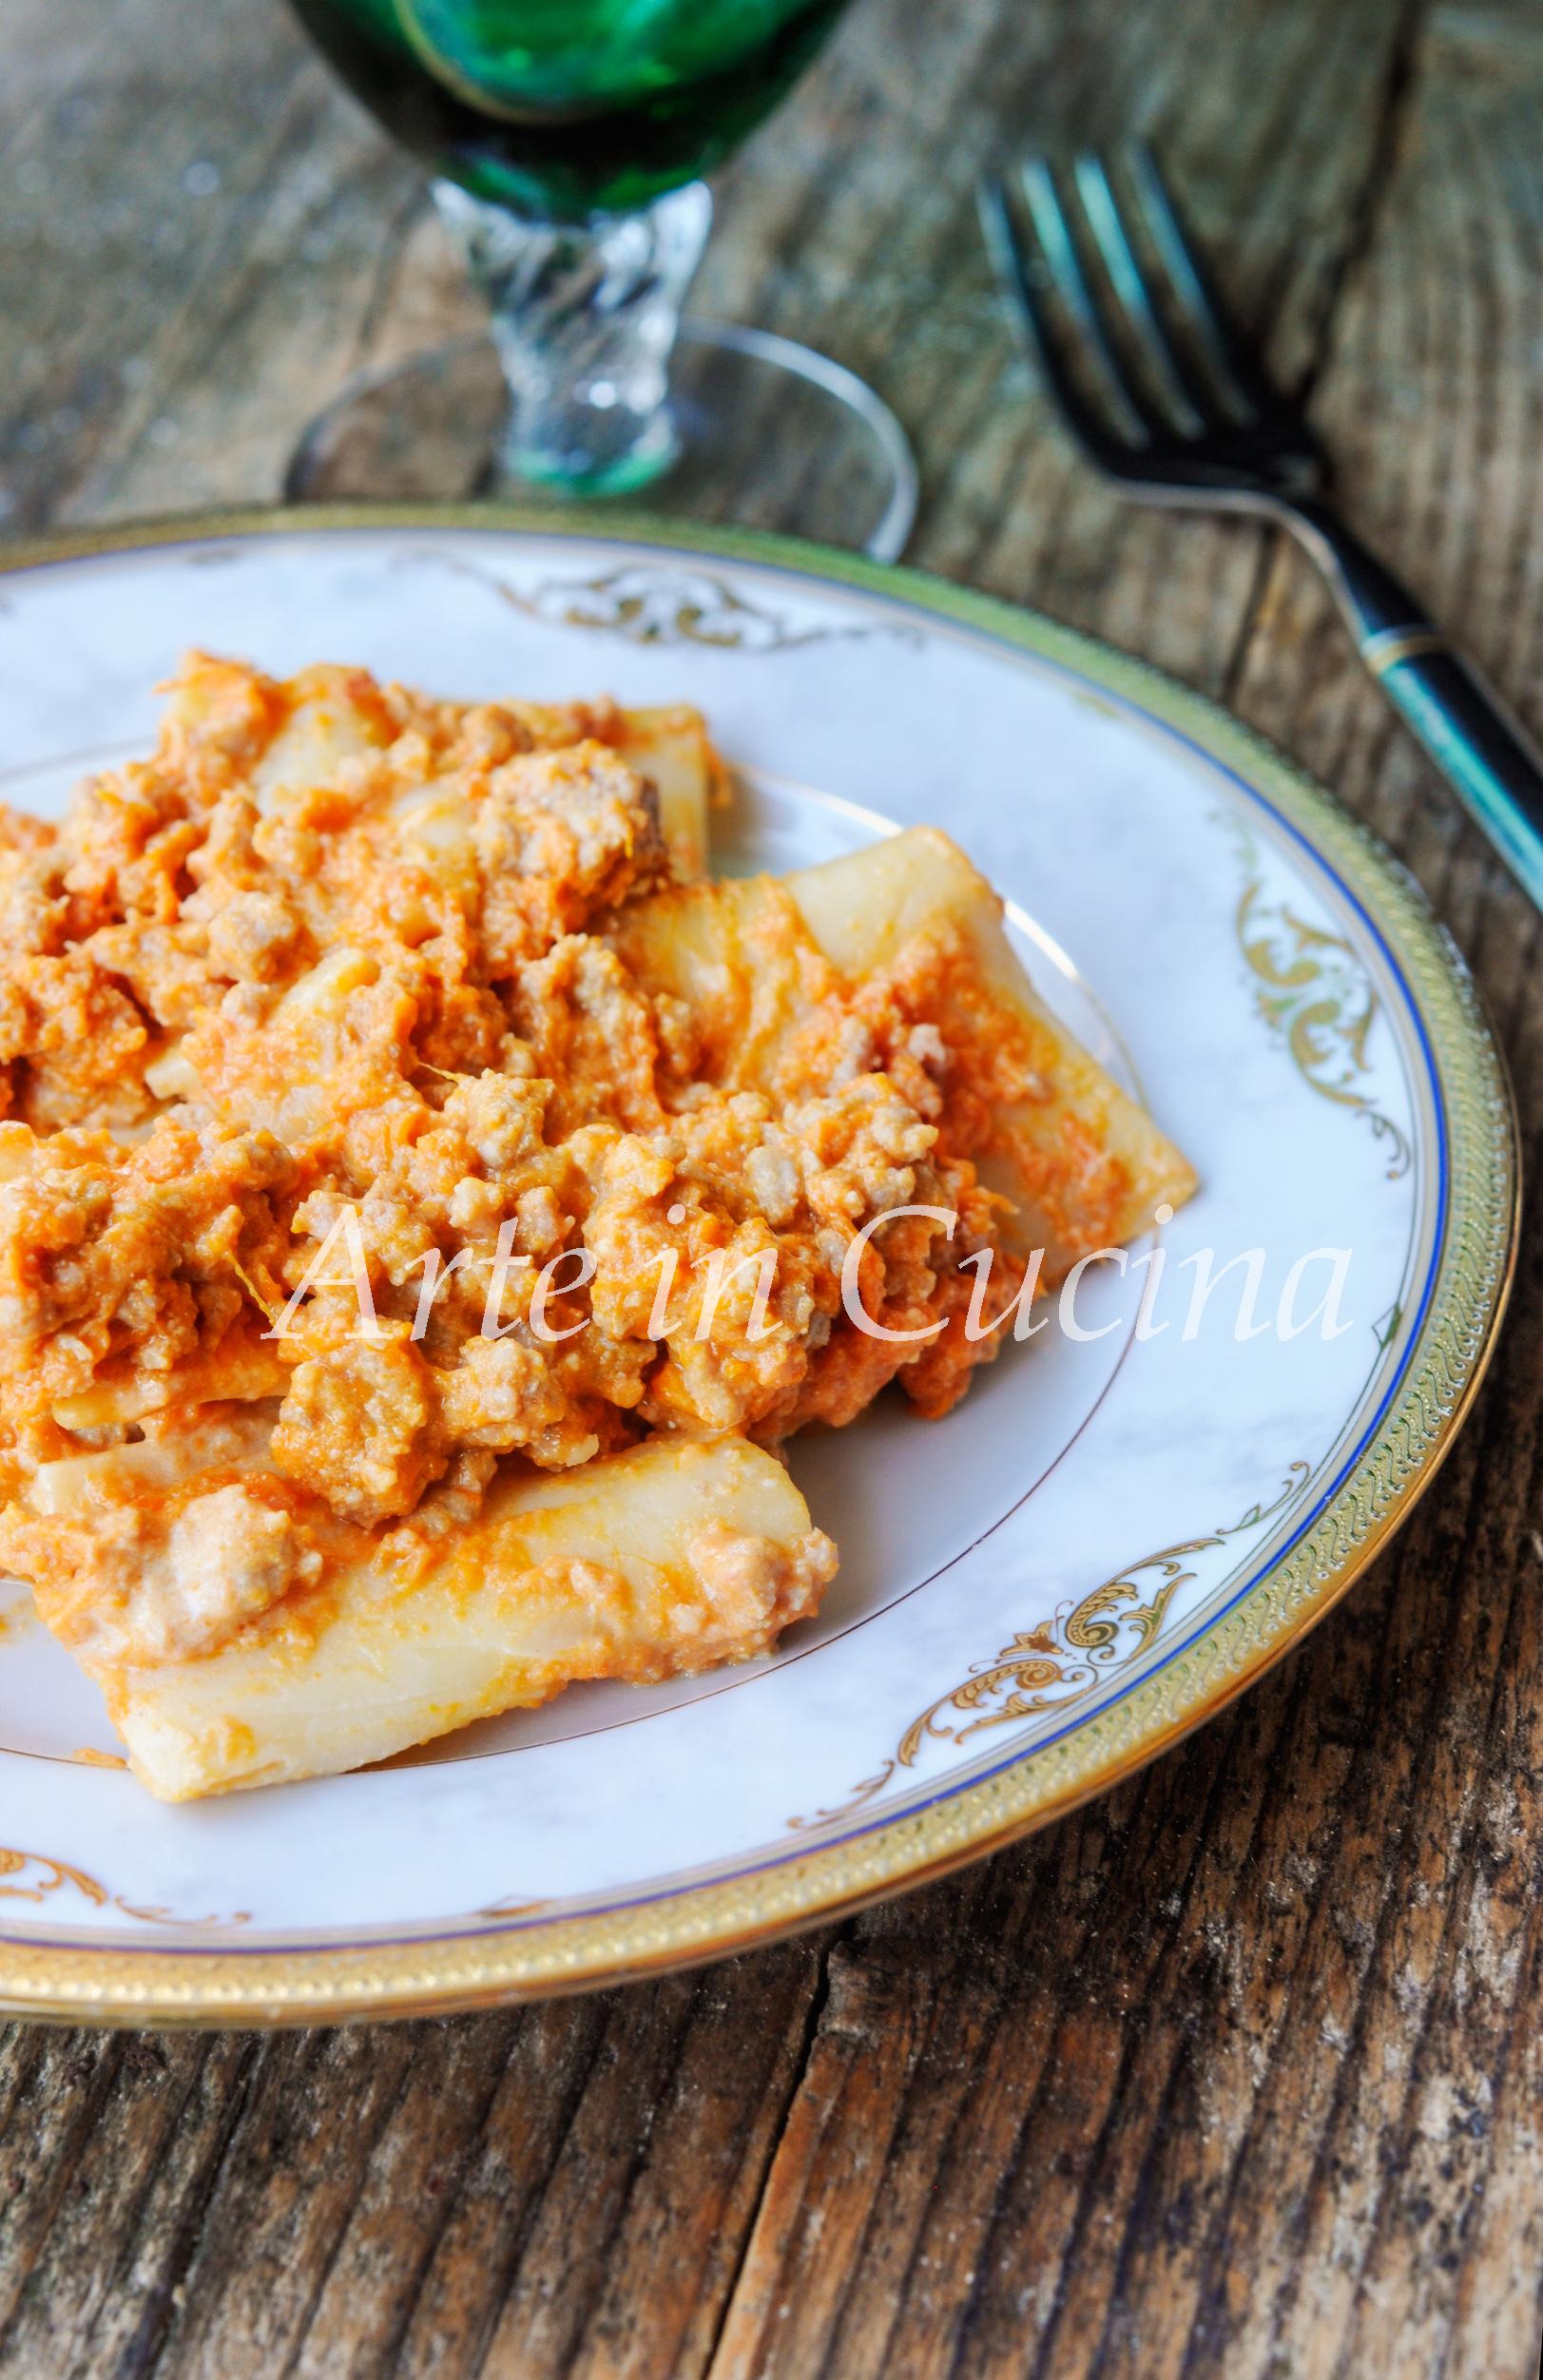 Paccheri al ragù di zucca ricetta semplice e veloce vickyart arte in cucina